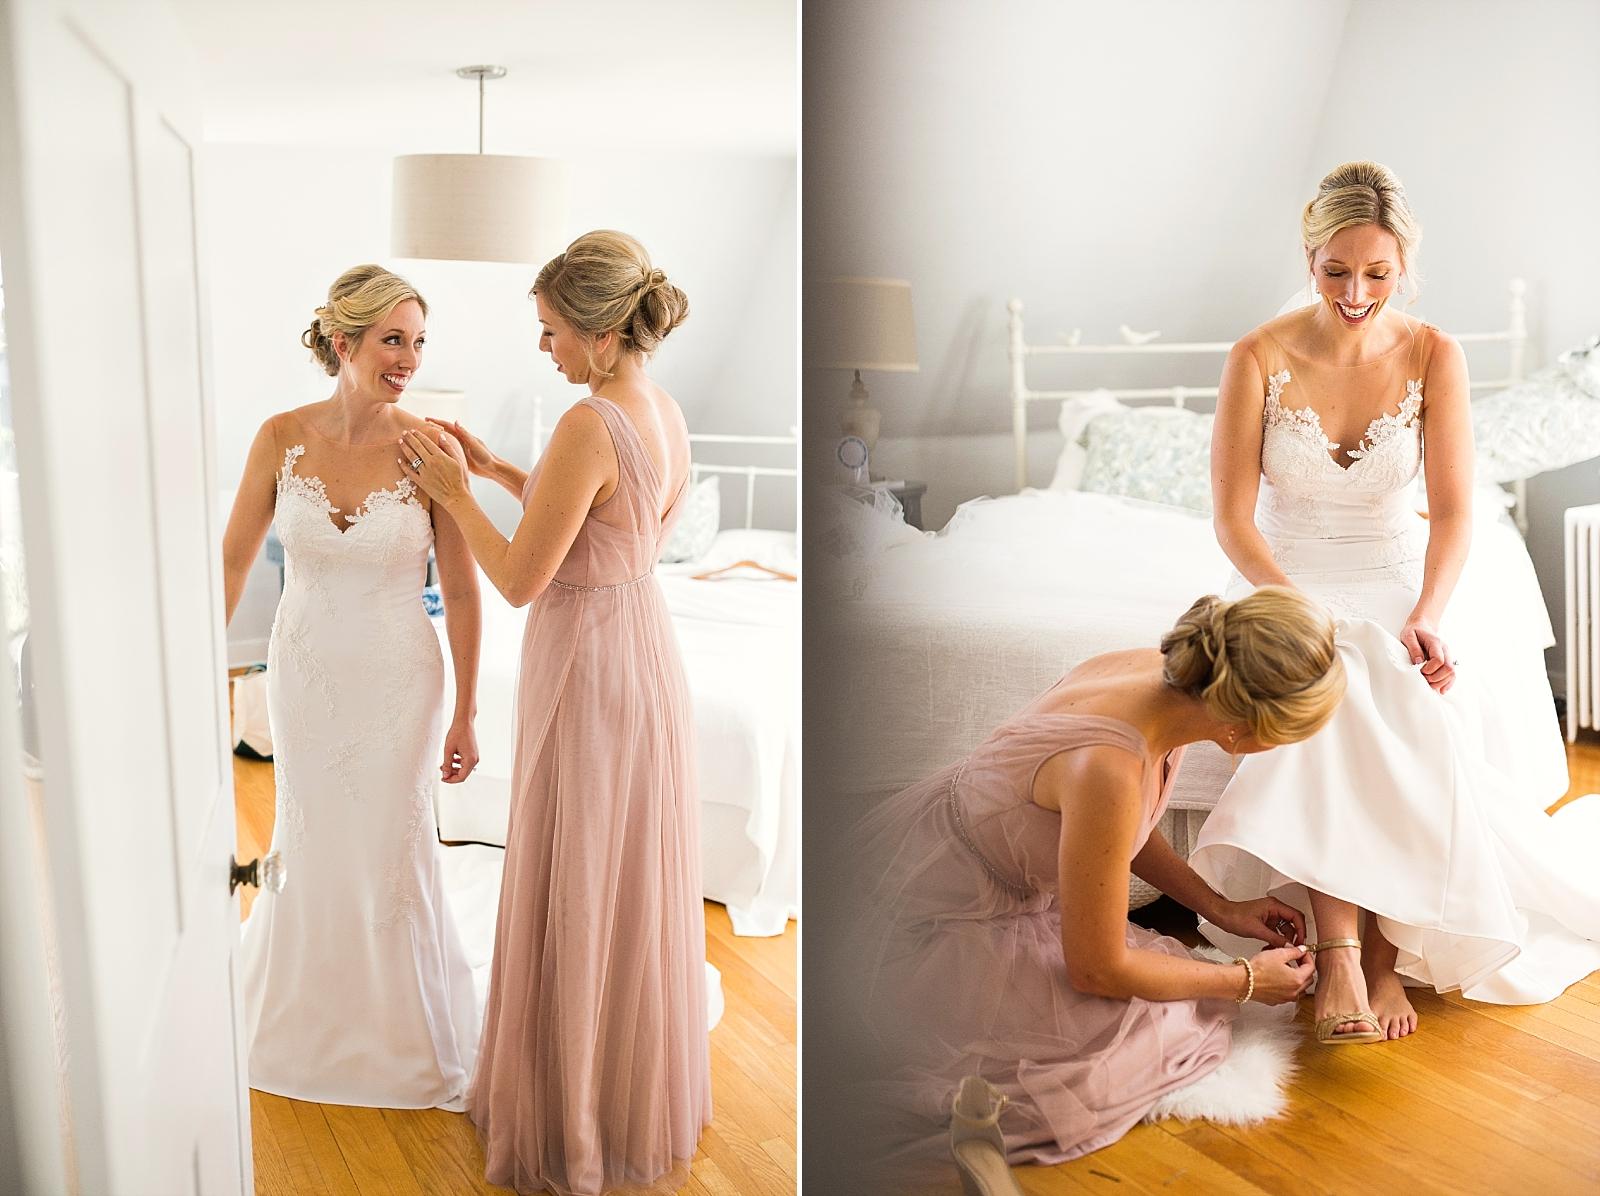 CT_Wedding_Photographer_BeLo_07.jpg